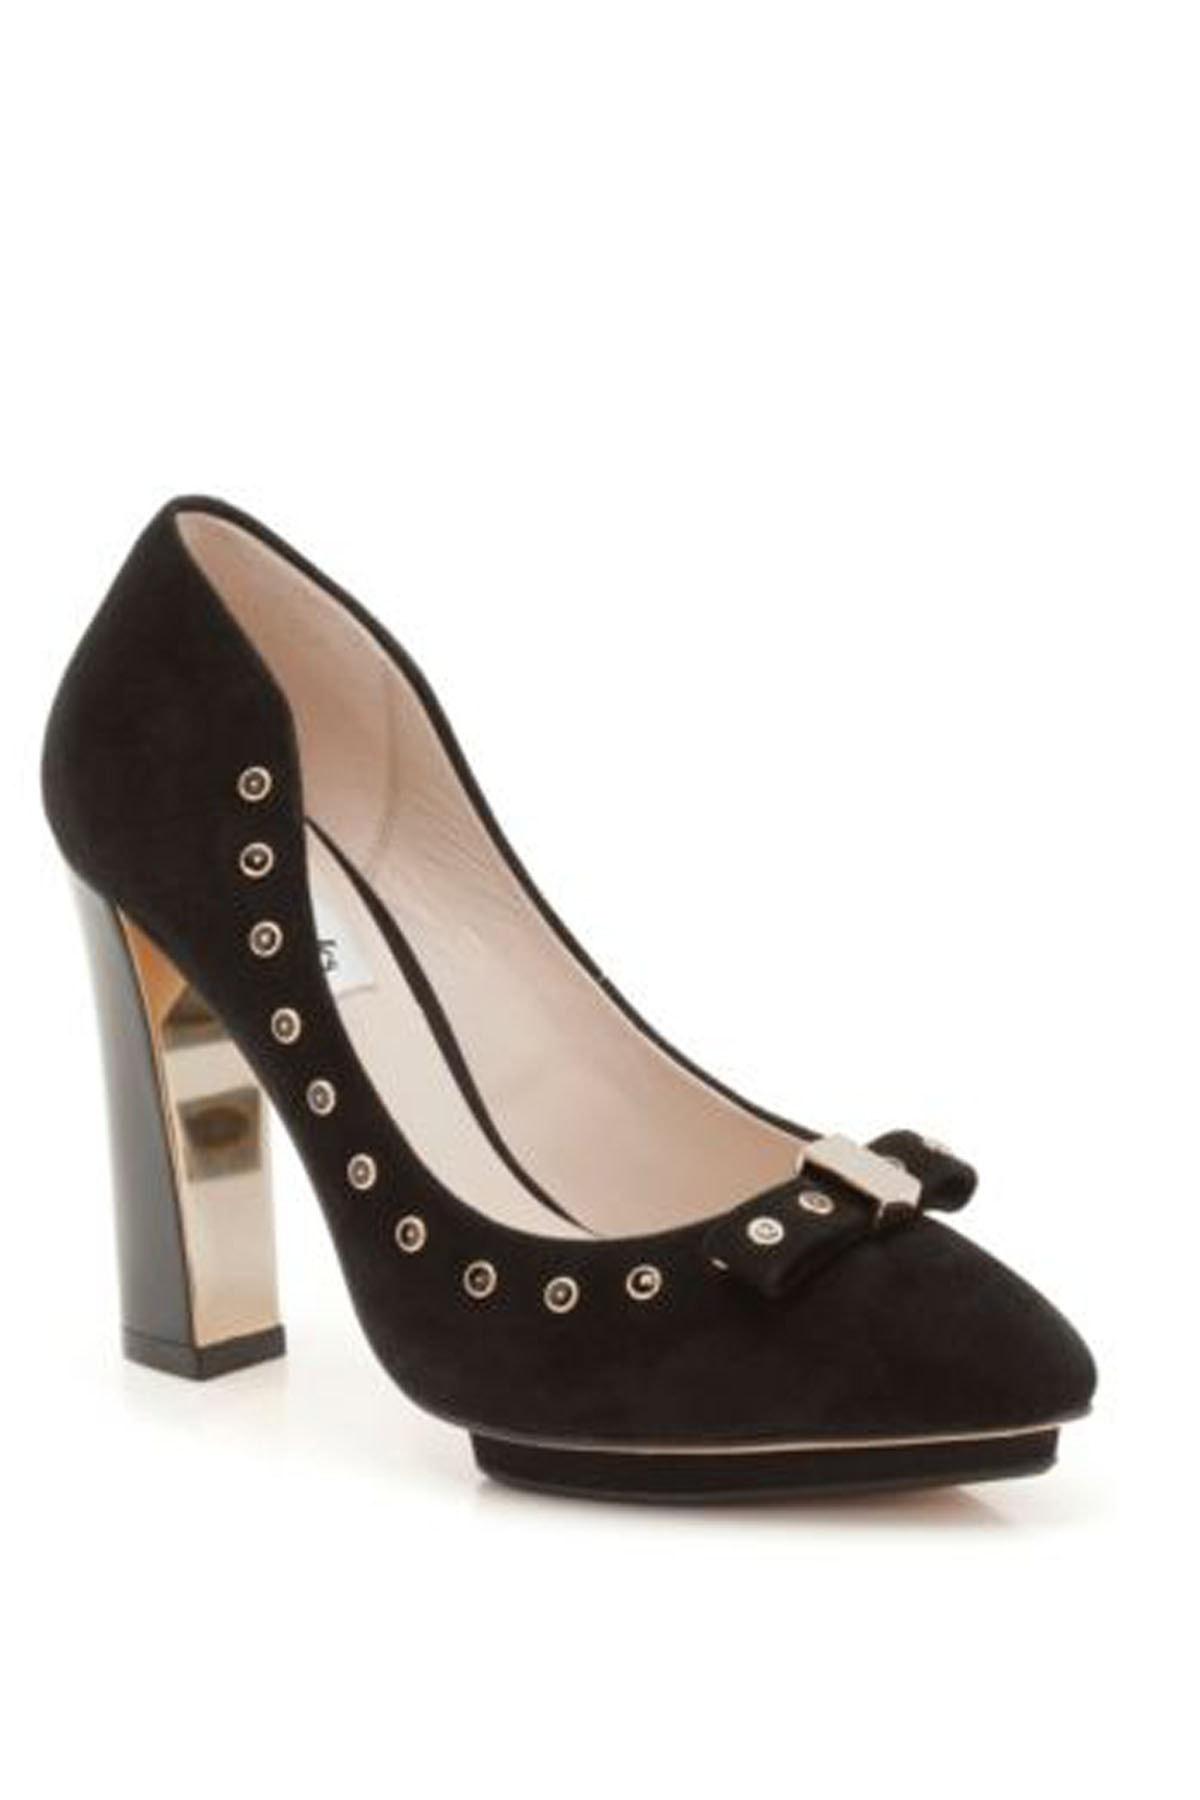 CLARKS Kadın Siyah Topuklu  Ayakkabı 1